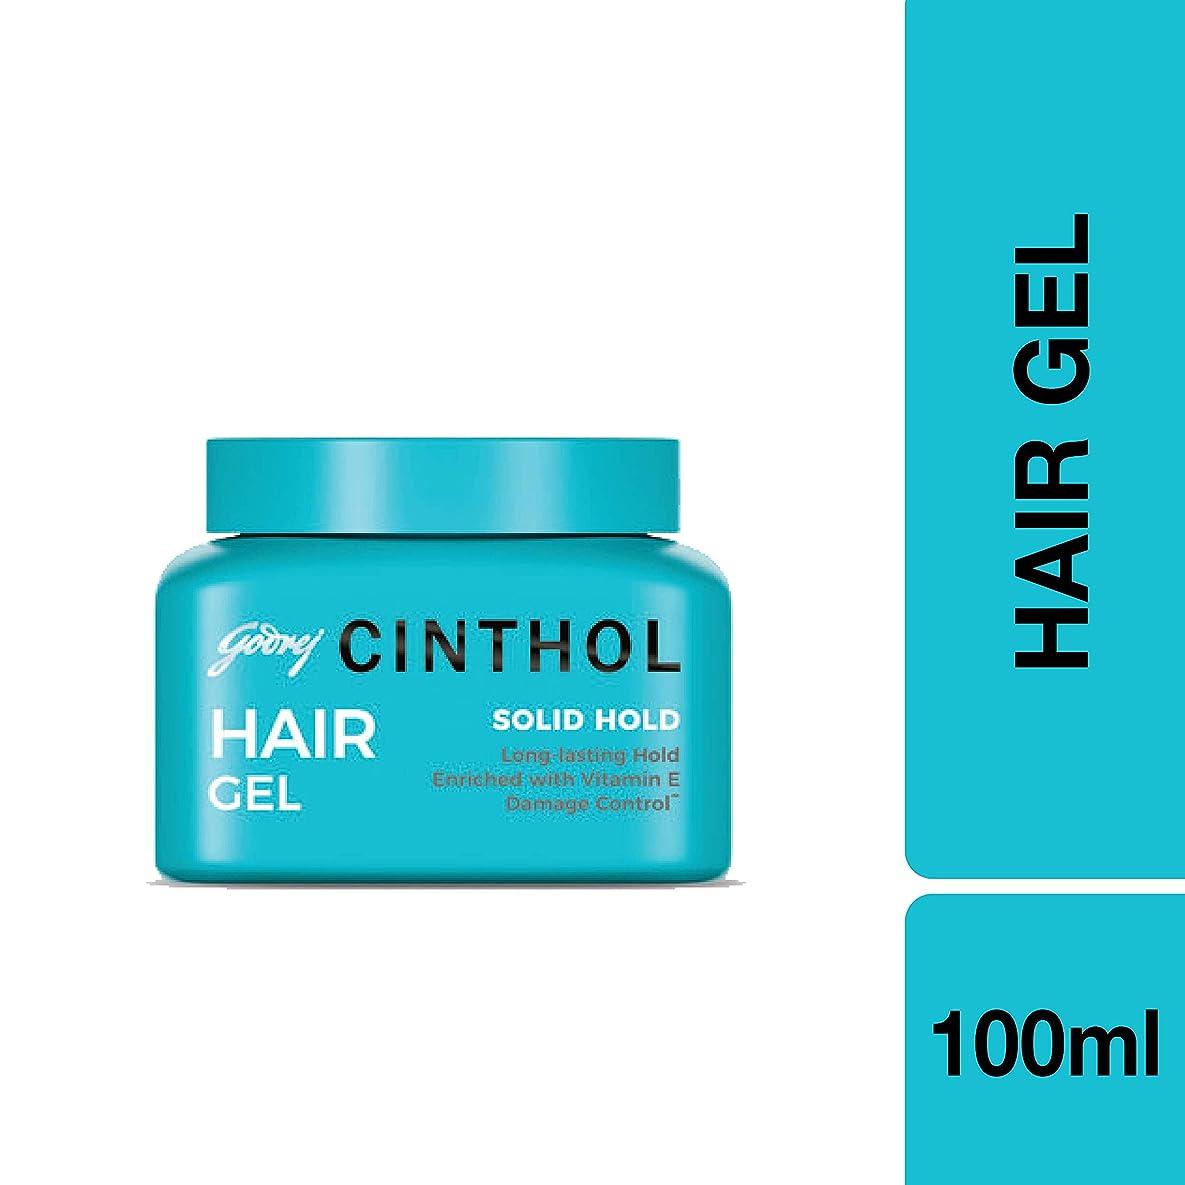 上院議員便利さ予想するCinthol Hair Styling Gel, Solid Hold, 100ml